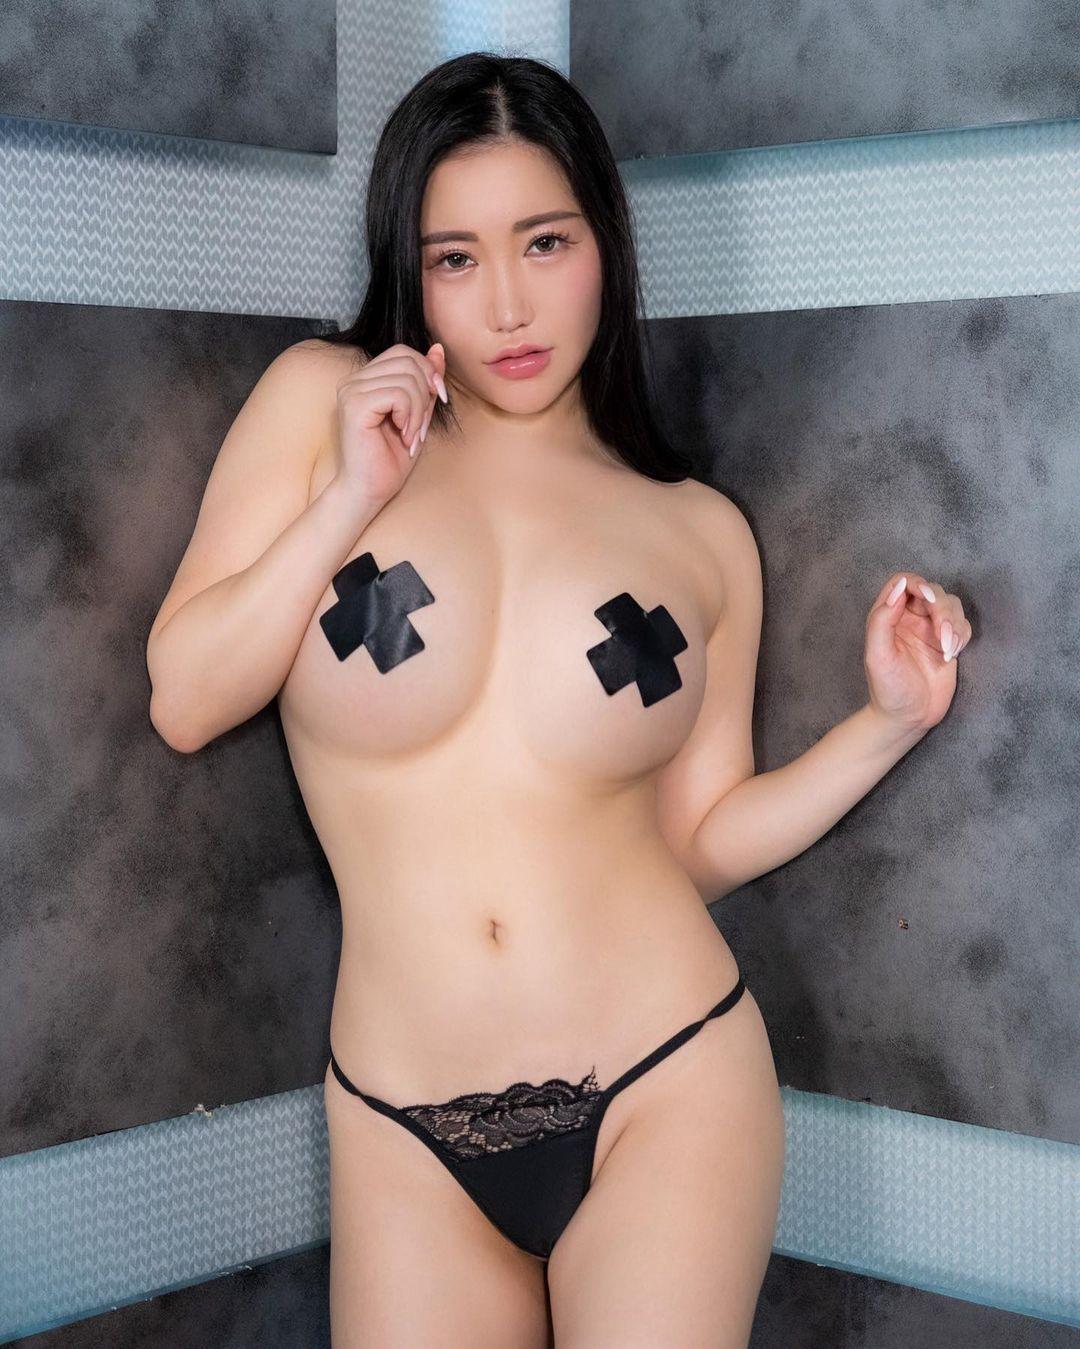 """セクシー""""ニップレス""""ショットでファンを魅了【小町ねねさん/2021年4月15日】"""